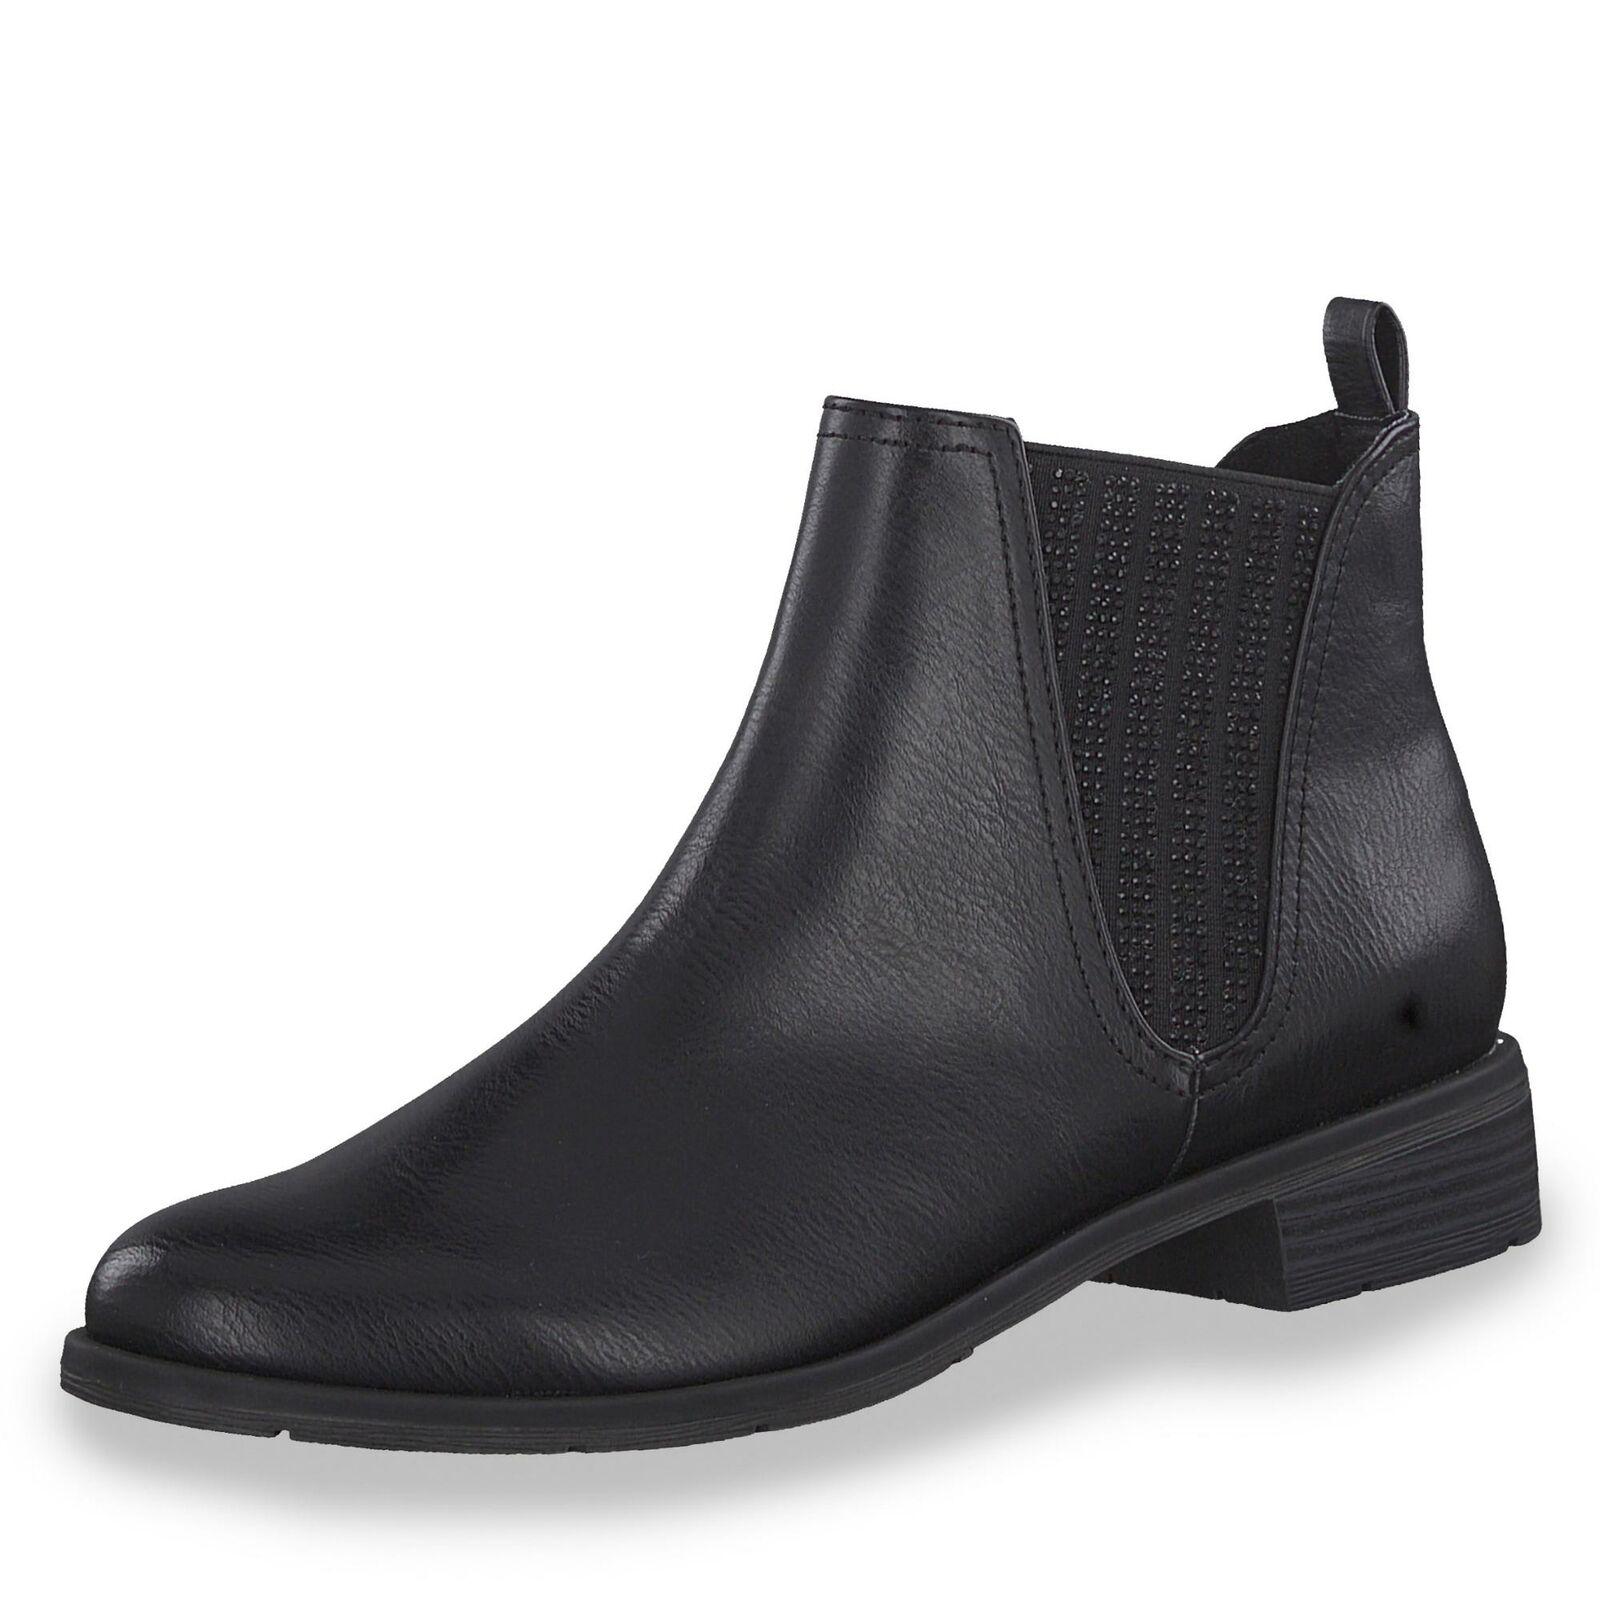 Marco Tozzi Damen Stiefelette Chelsea Stiefel Schlupfschuhe Herbst Schuhe schwarz